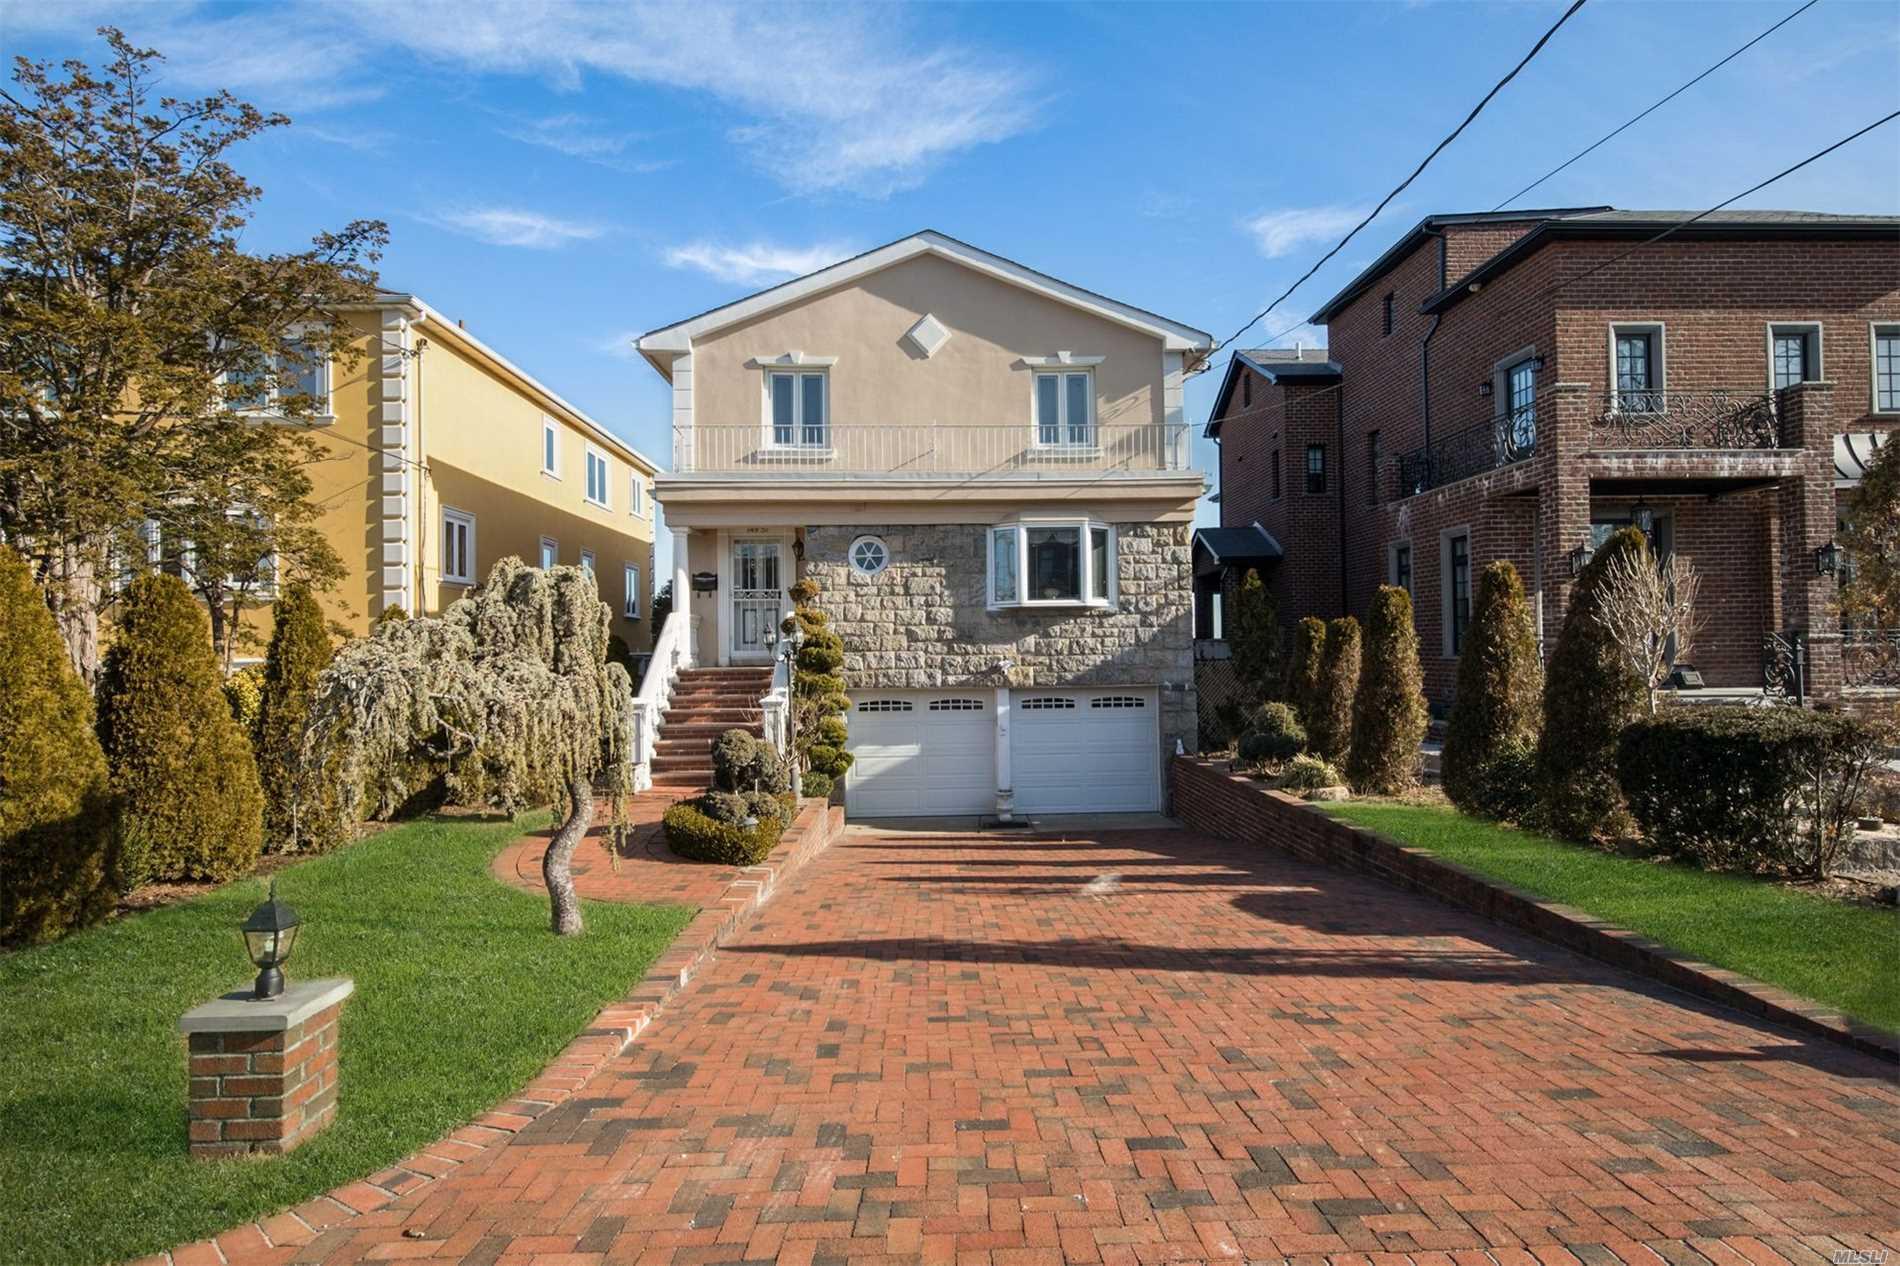 149-57 Powells Cove Blvd Whitestone, NY 11357